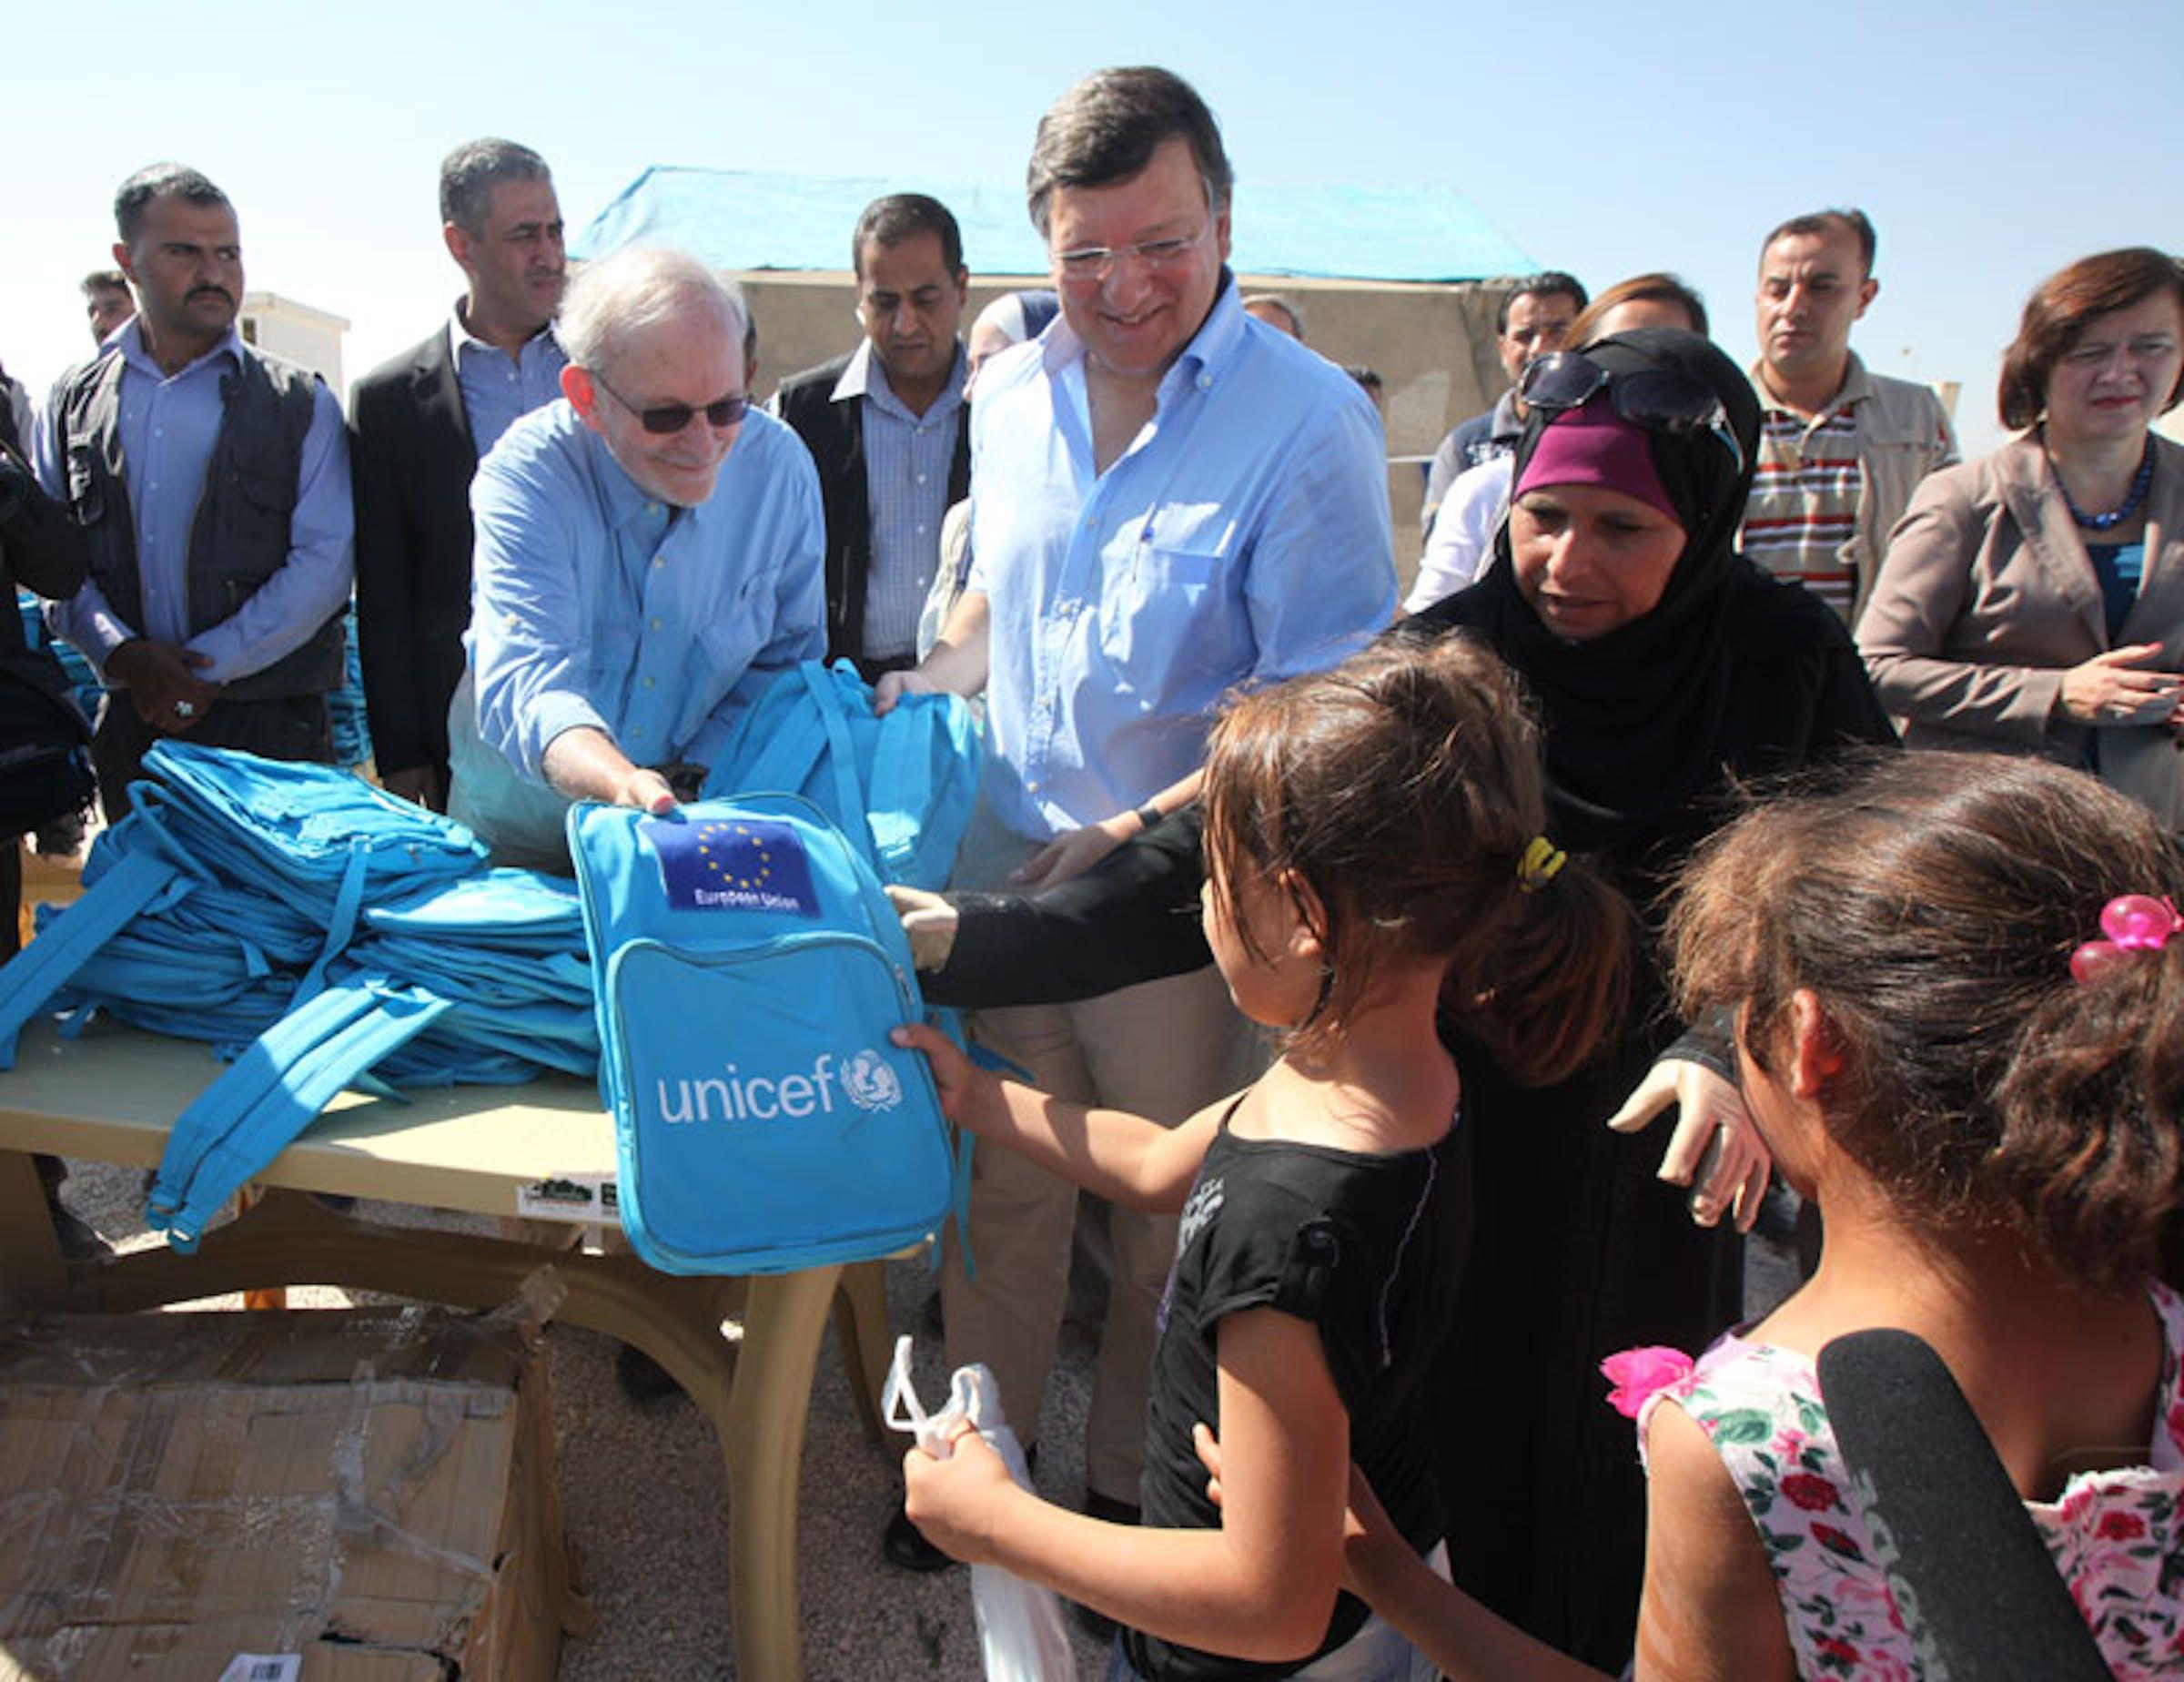 Il direttore UNICEF Anthony Lake insieme al presidente della Commissione Europea José Manuel Barroso con i bambini siriani nel campo profughi di Za'atari - ©UNICEF/NYHQ2012-1264/Malkawi